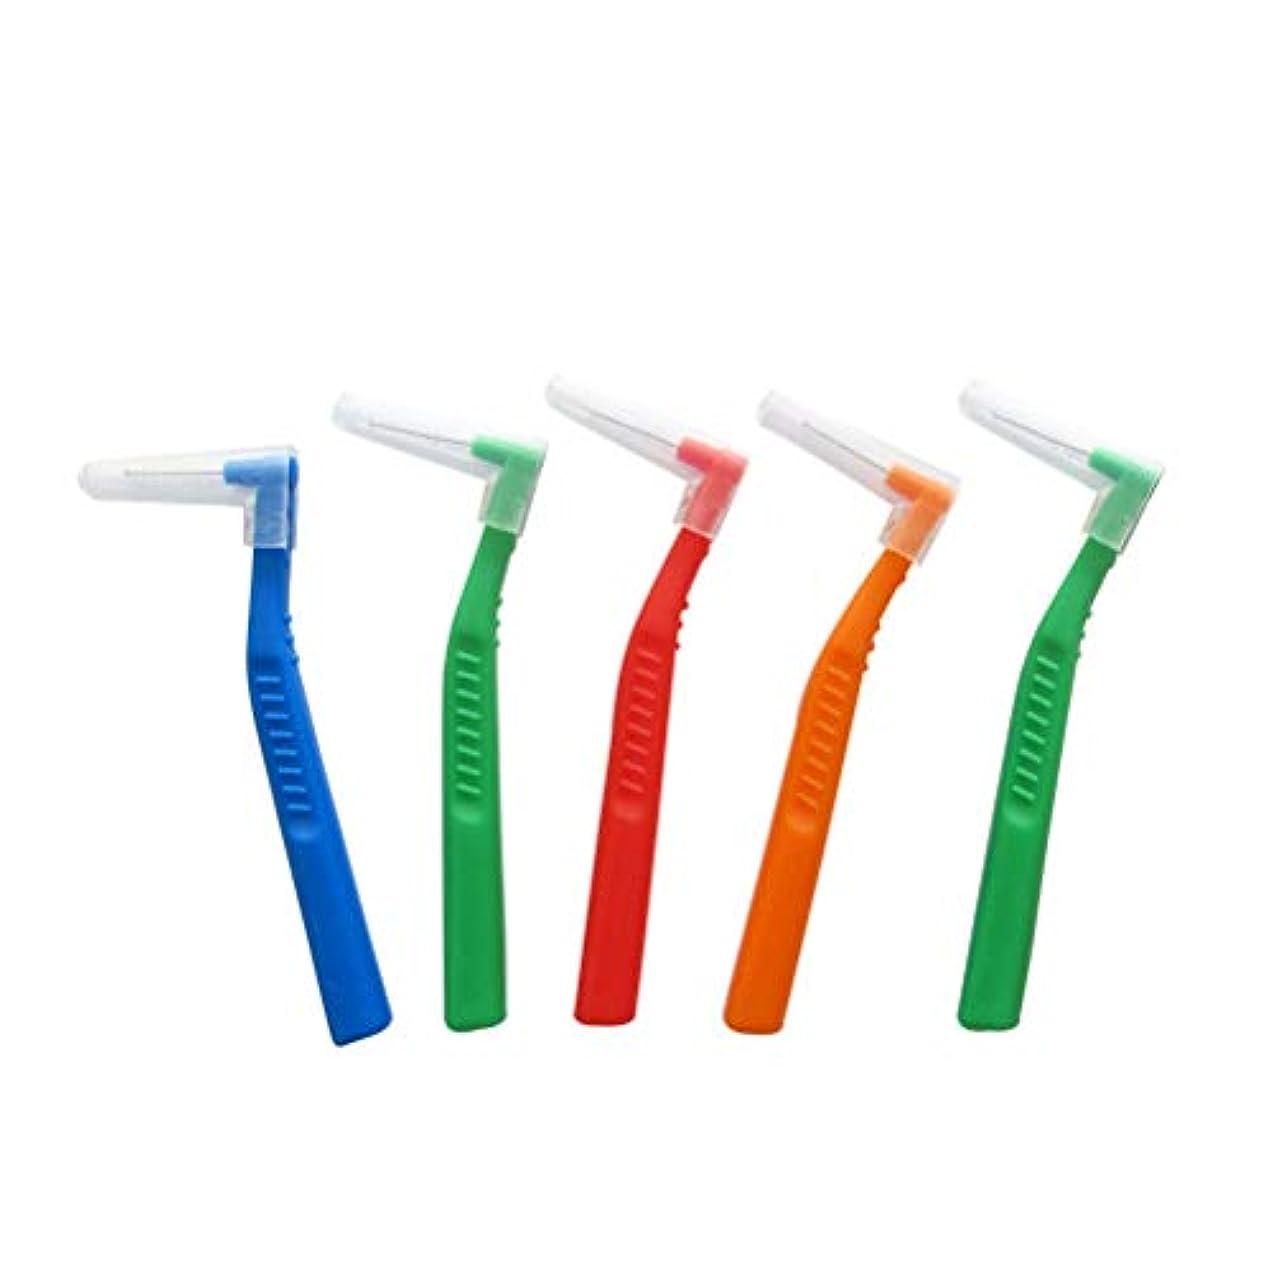 コース郊外最もSUPVOX 歯間ブラシ クリーナー l字型 歯間清掃 歯科 口腔ケアツール 5本入(ランダムカラー)